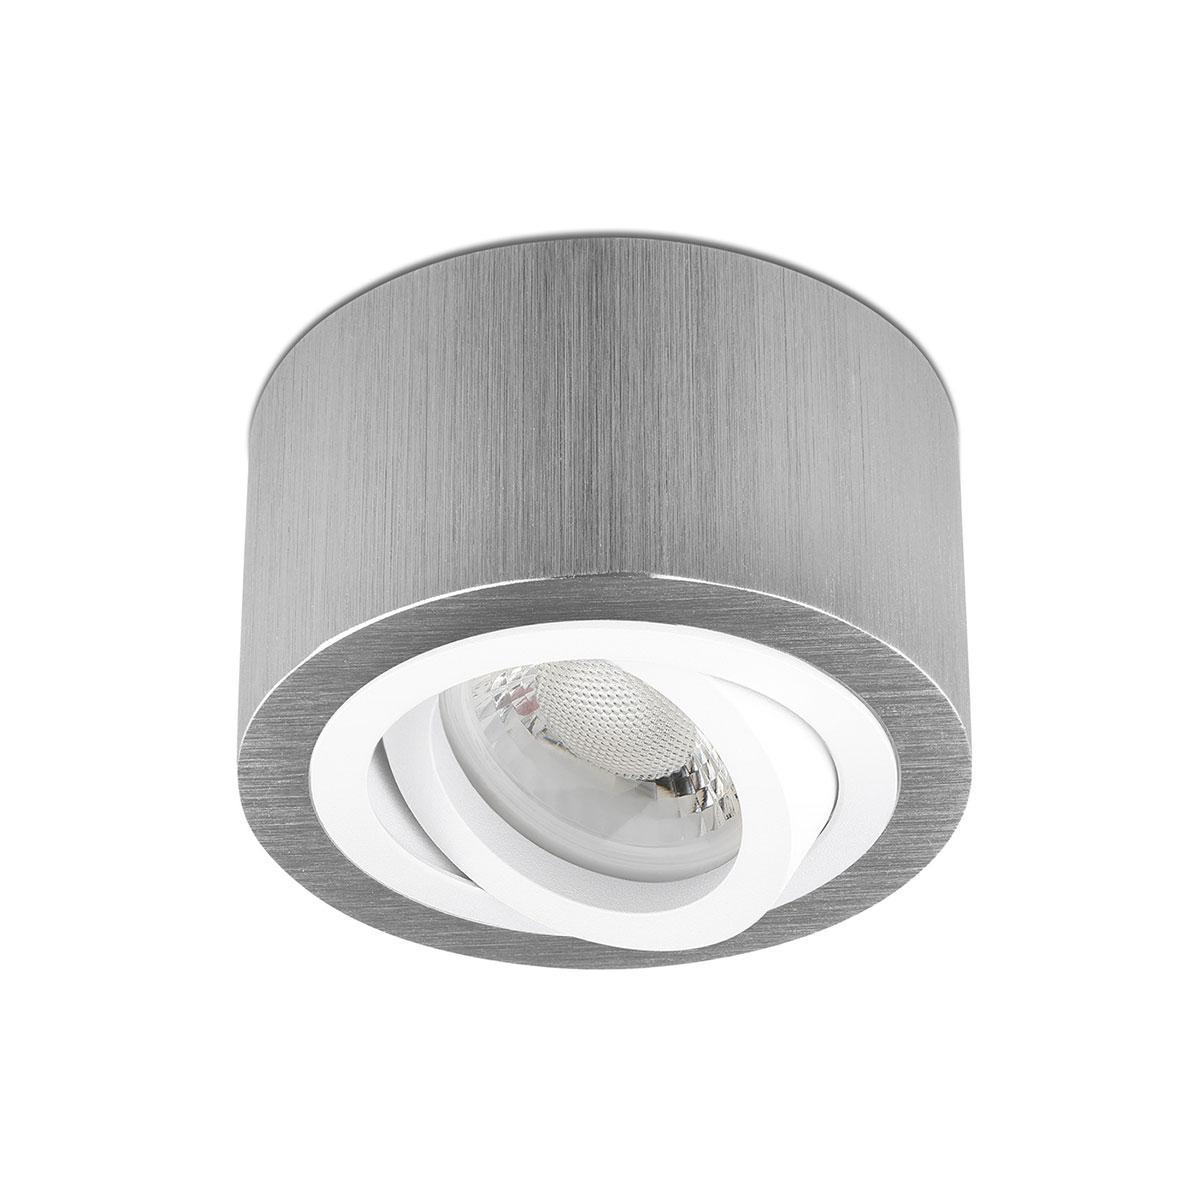 Flacher Aufbaustrahler, silber gebürstet, runde Form - Abdeckring: weiß - LED Modul: 3000K mit Linse